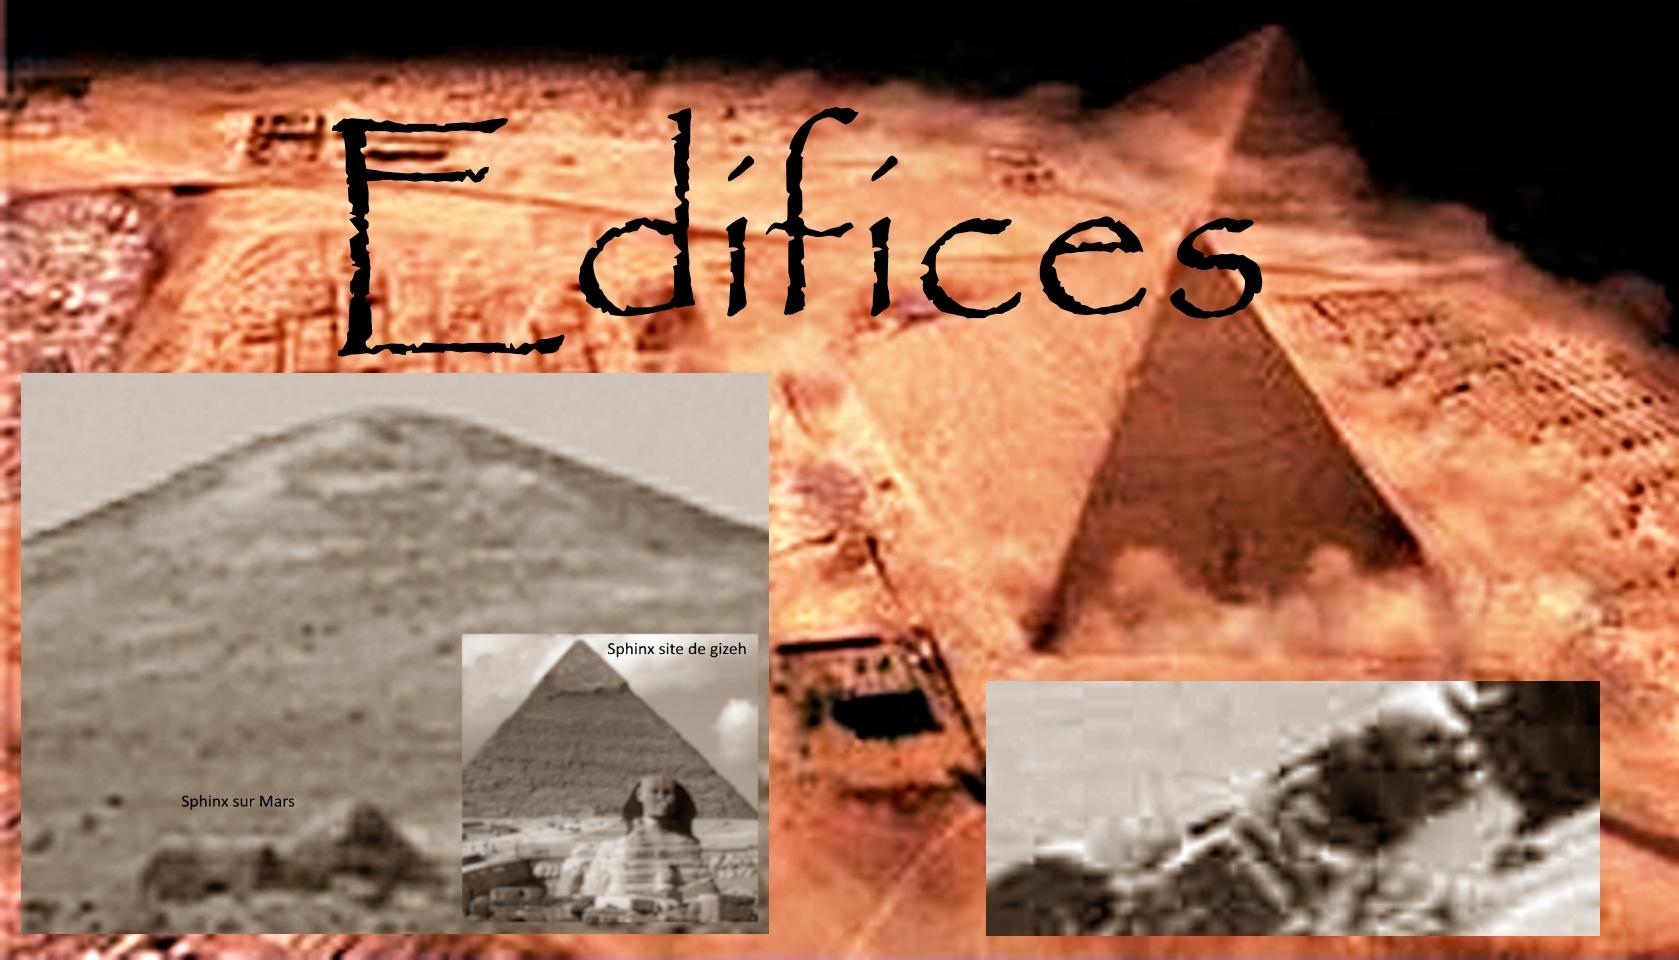 Ediffice